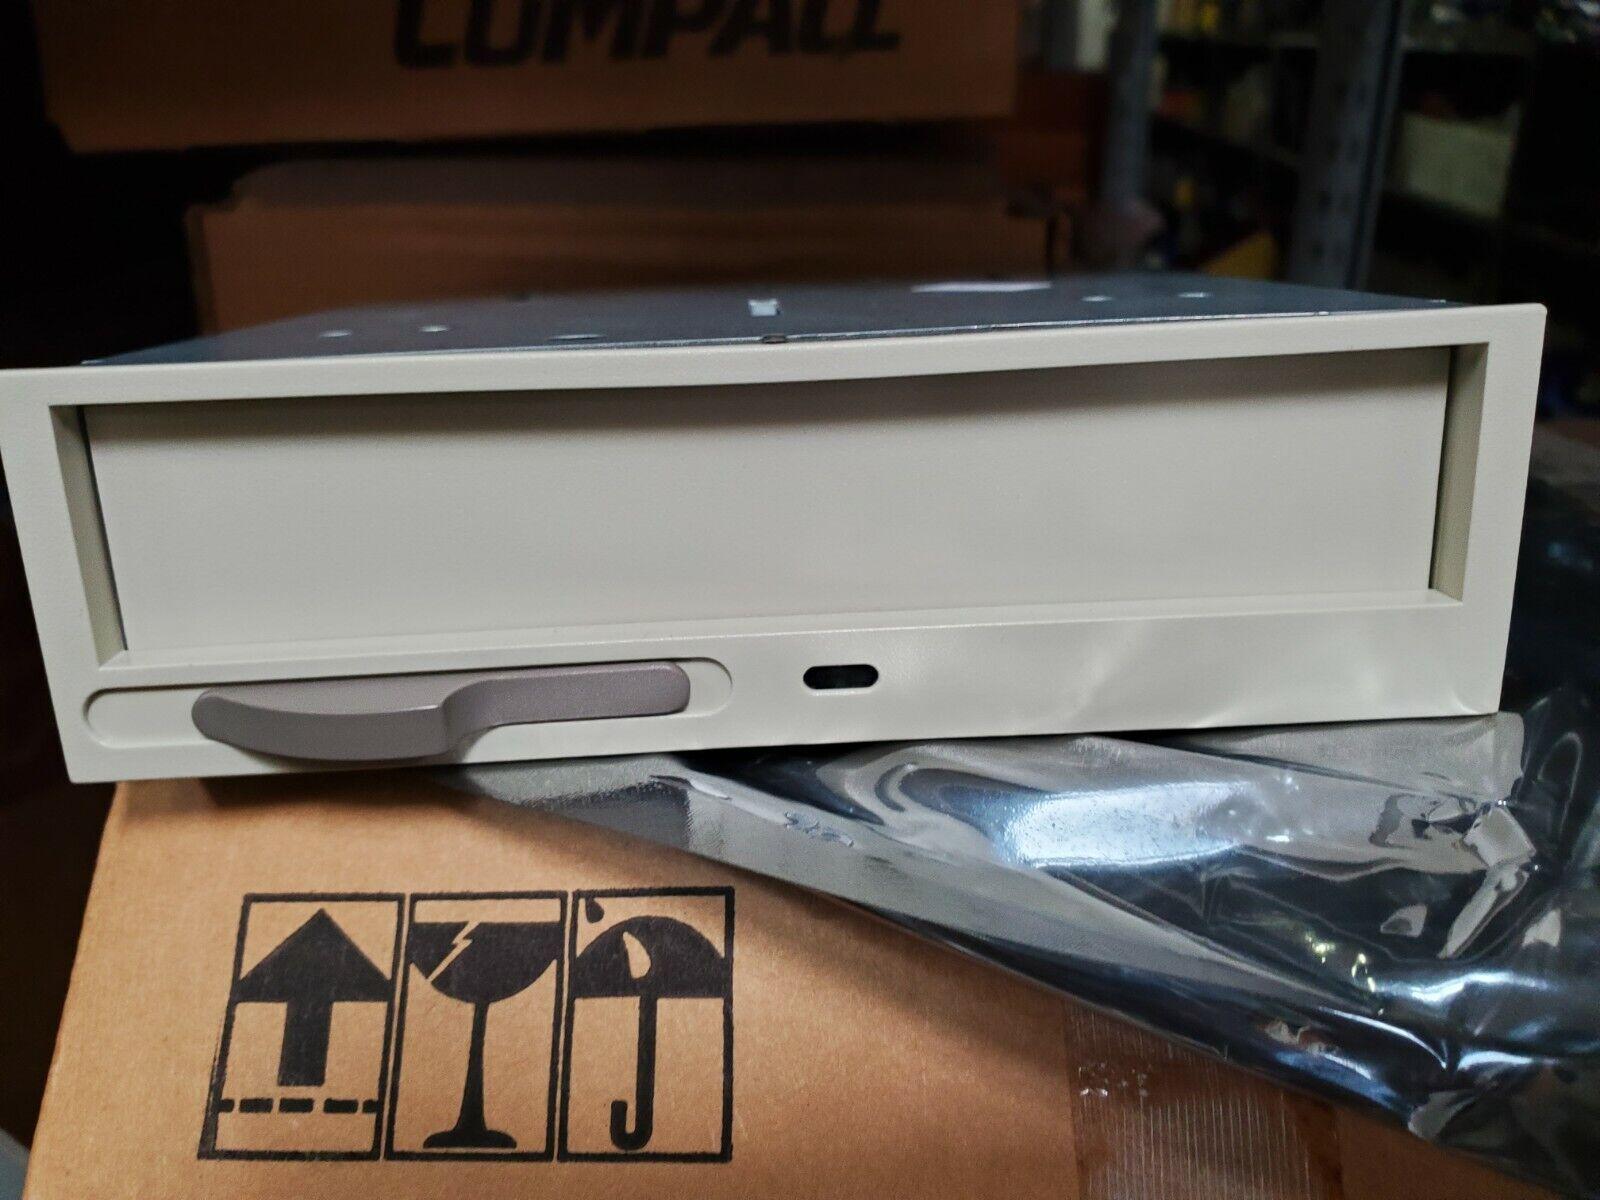 как выглядит Дисковод для гибкого магнитного диска (дискеты) COMPAQ ARMADA 7000 HALF-HEIGHT MULTIBAY ADAPTER фото